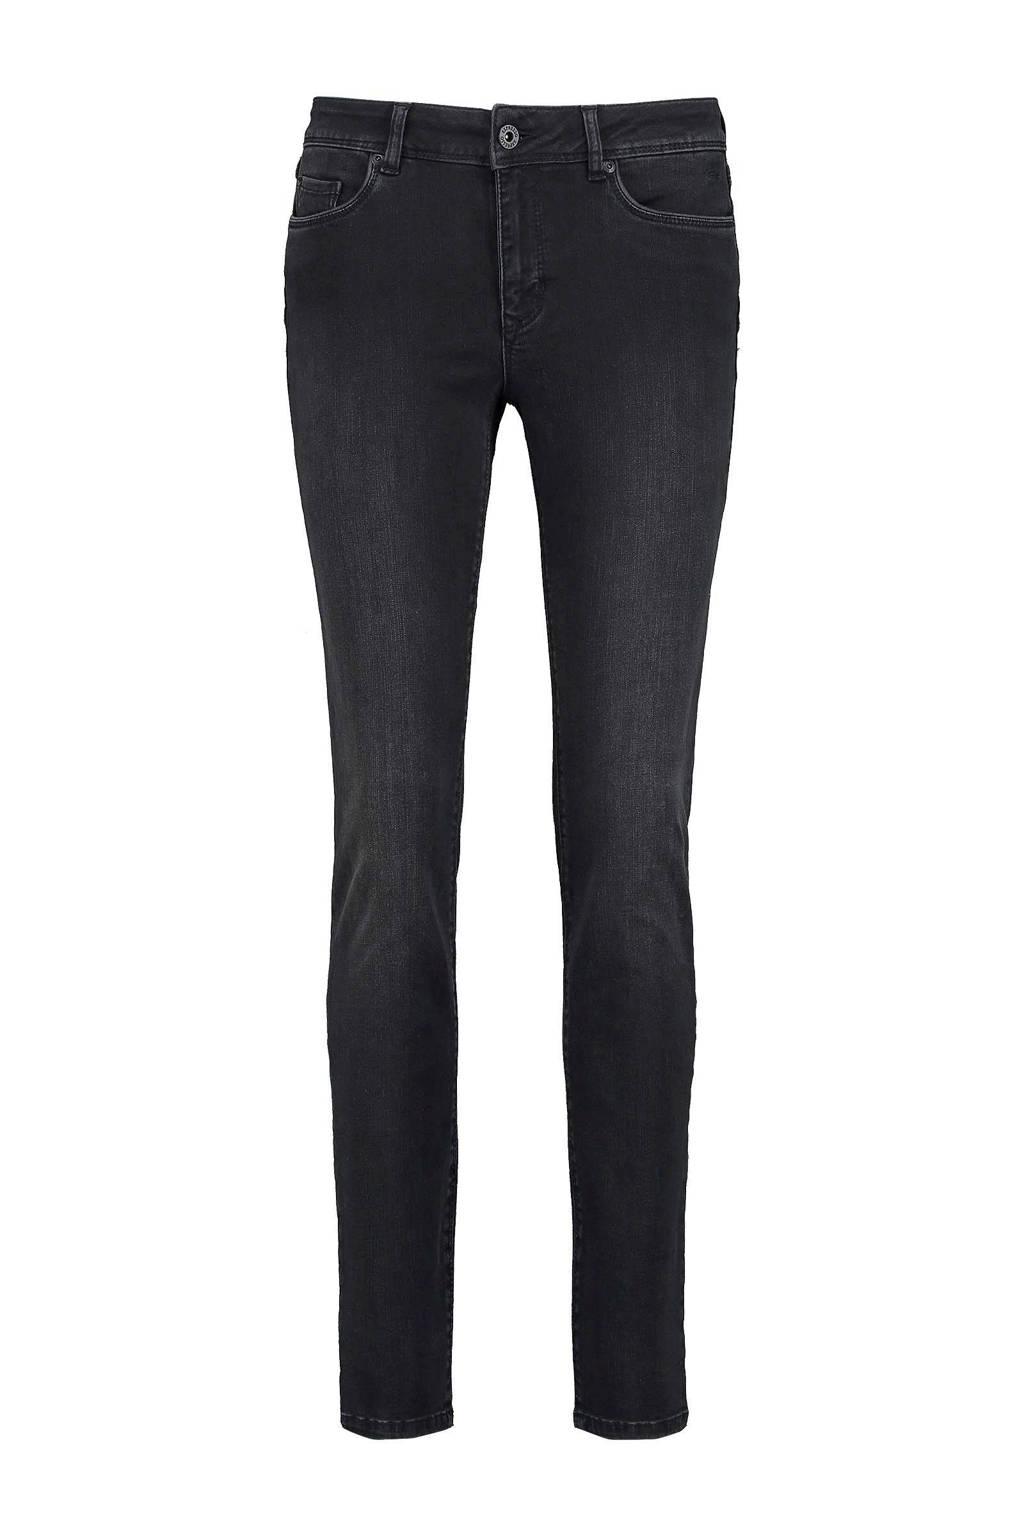 Expresso skinny jeans zwart, Zwart